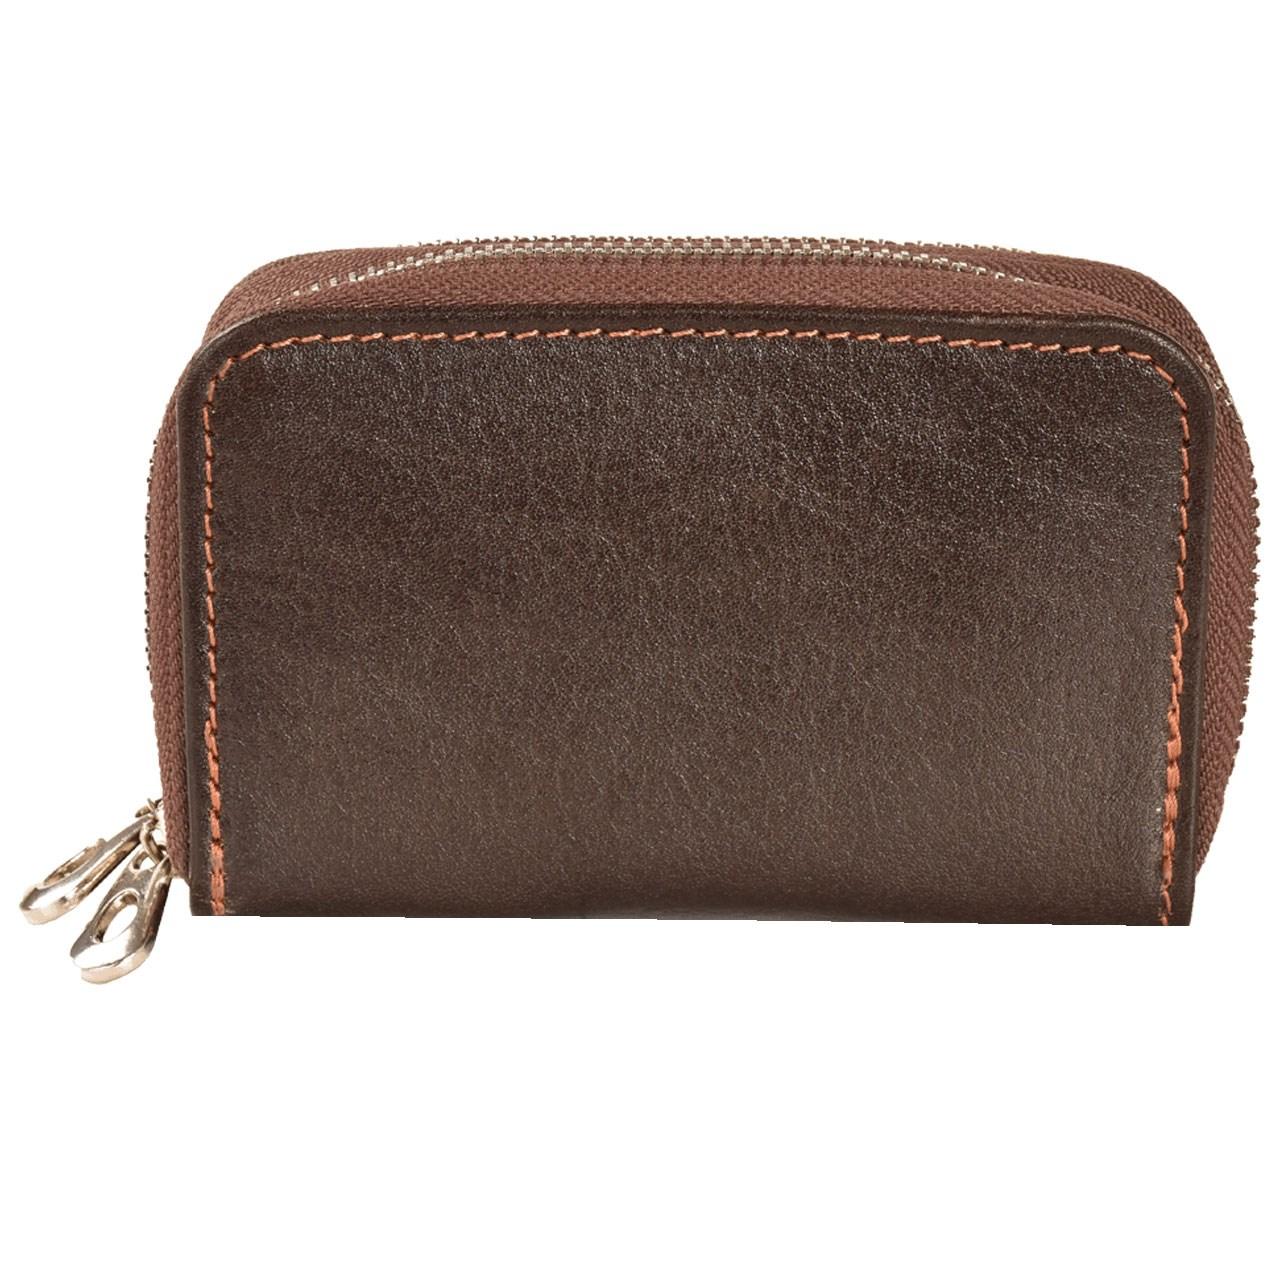 کیف کارت و جاکلیدی چرمی کهن چرم مدل CH26-15